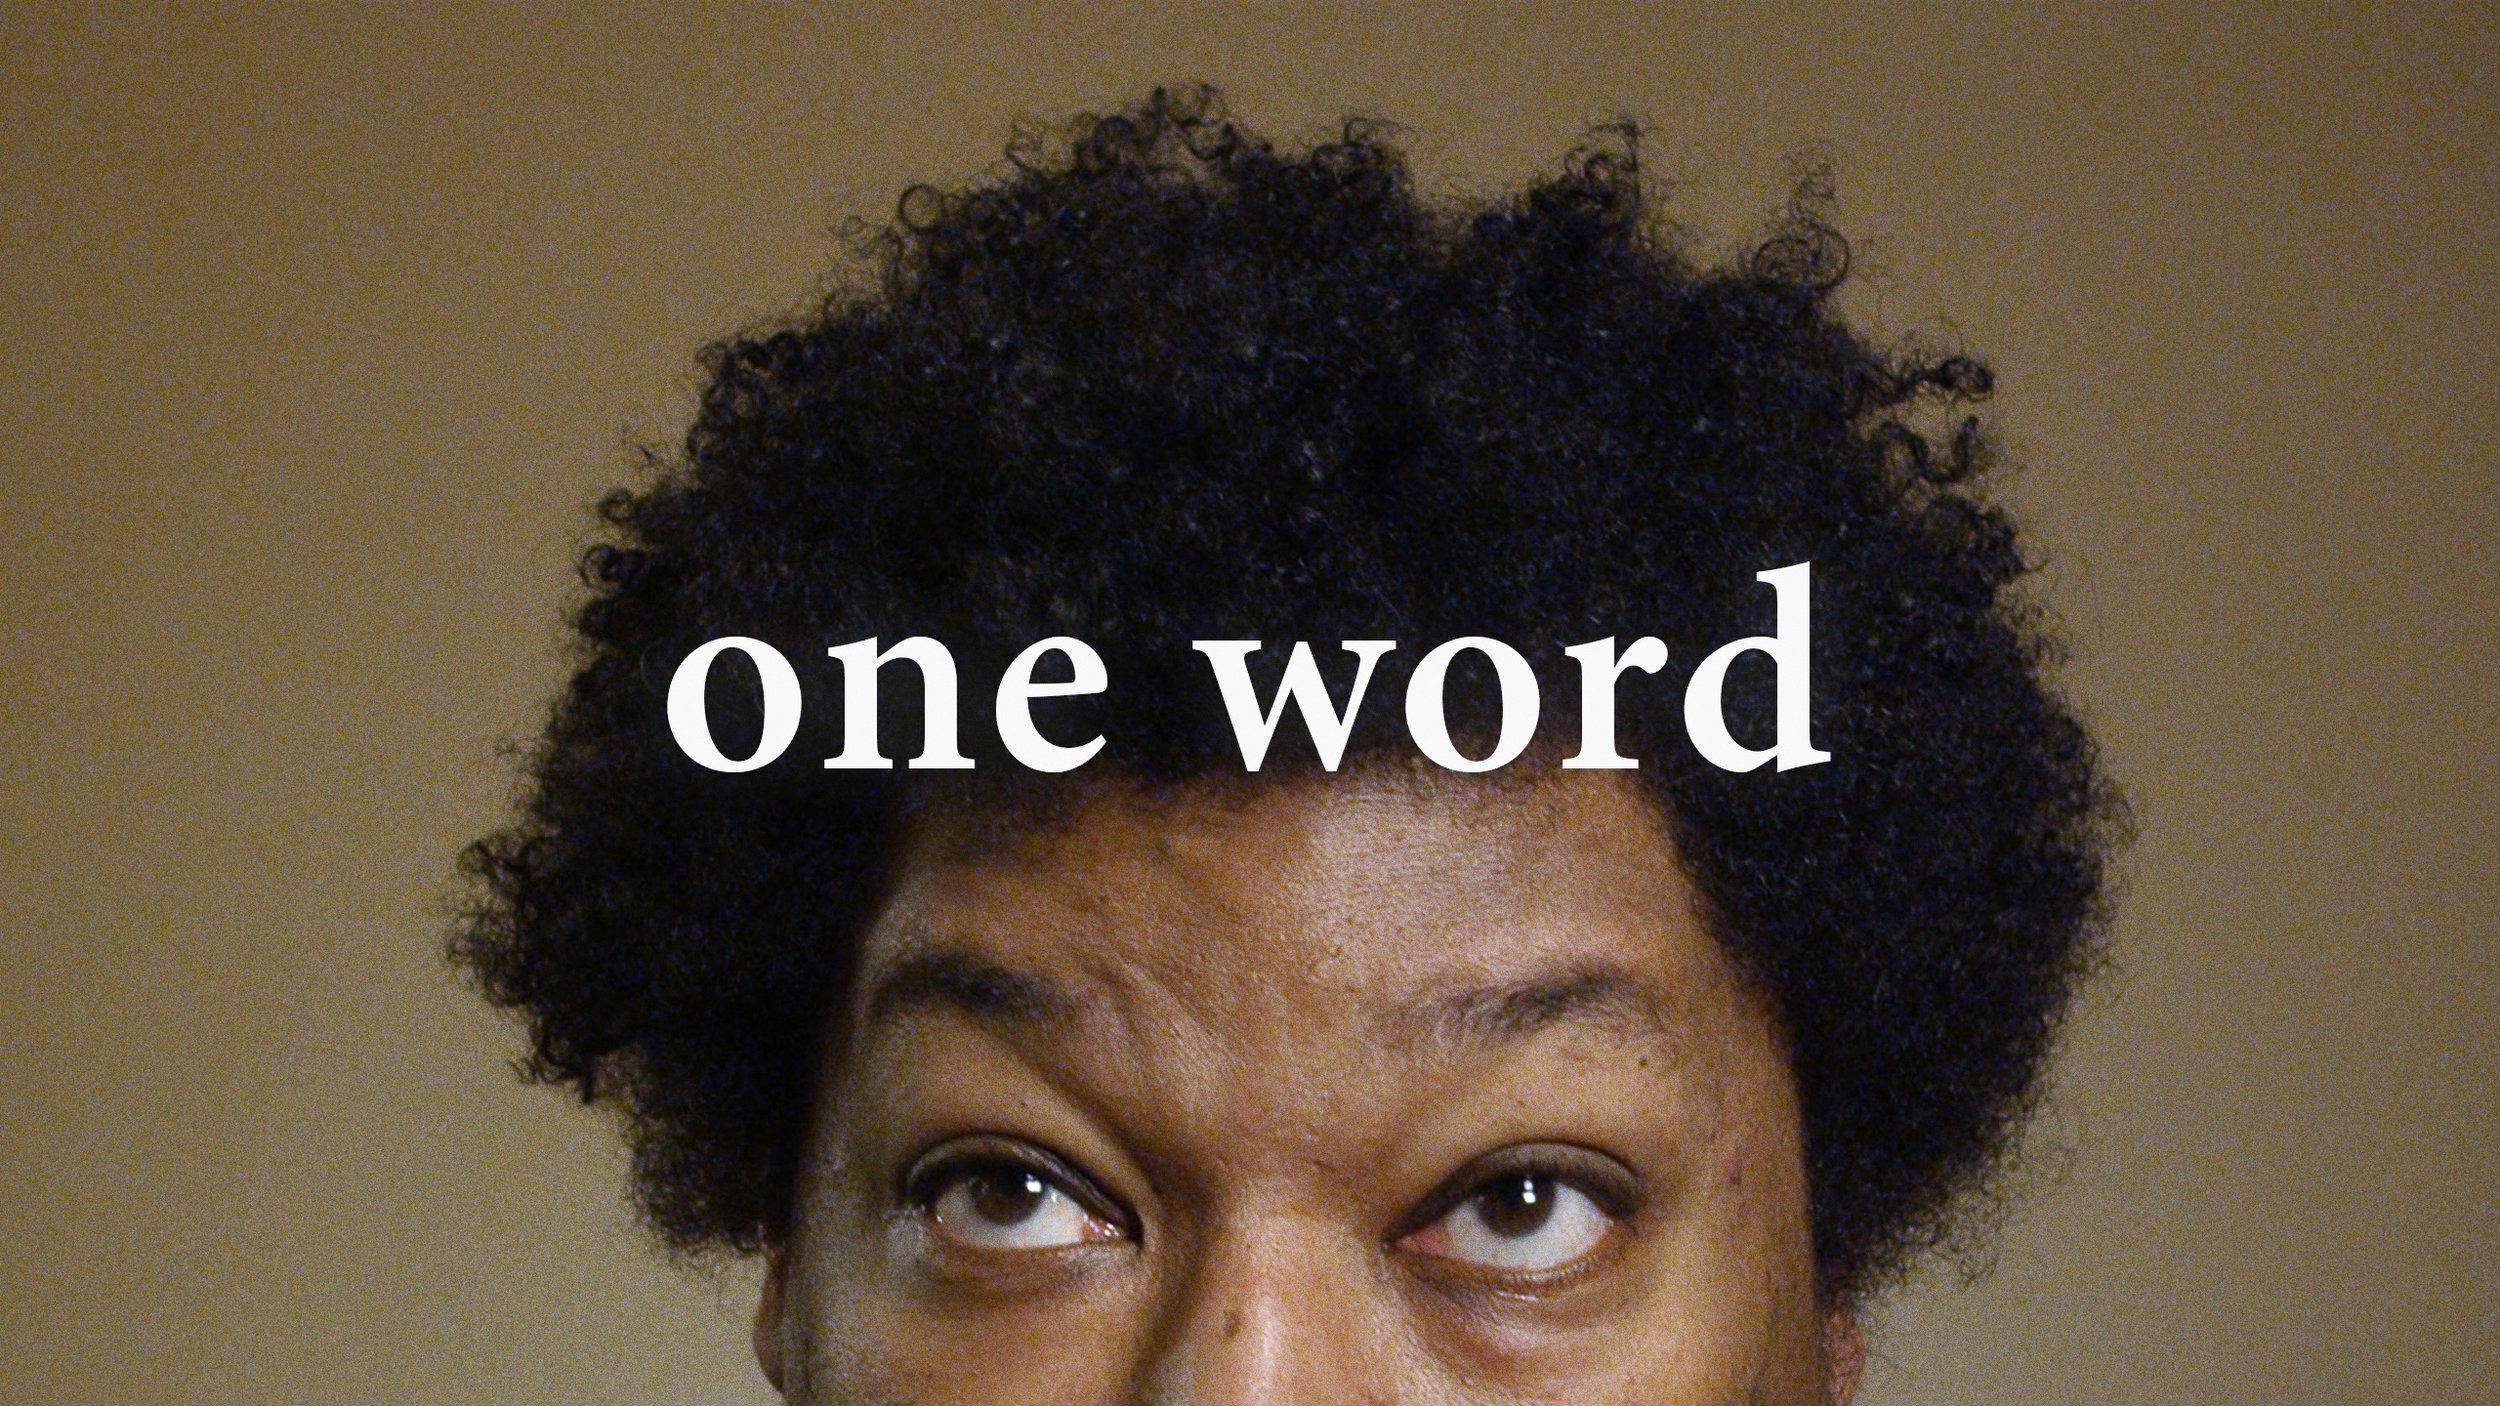 one_word-01.jpg